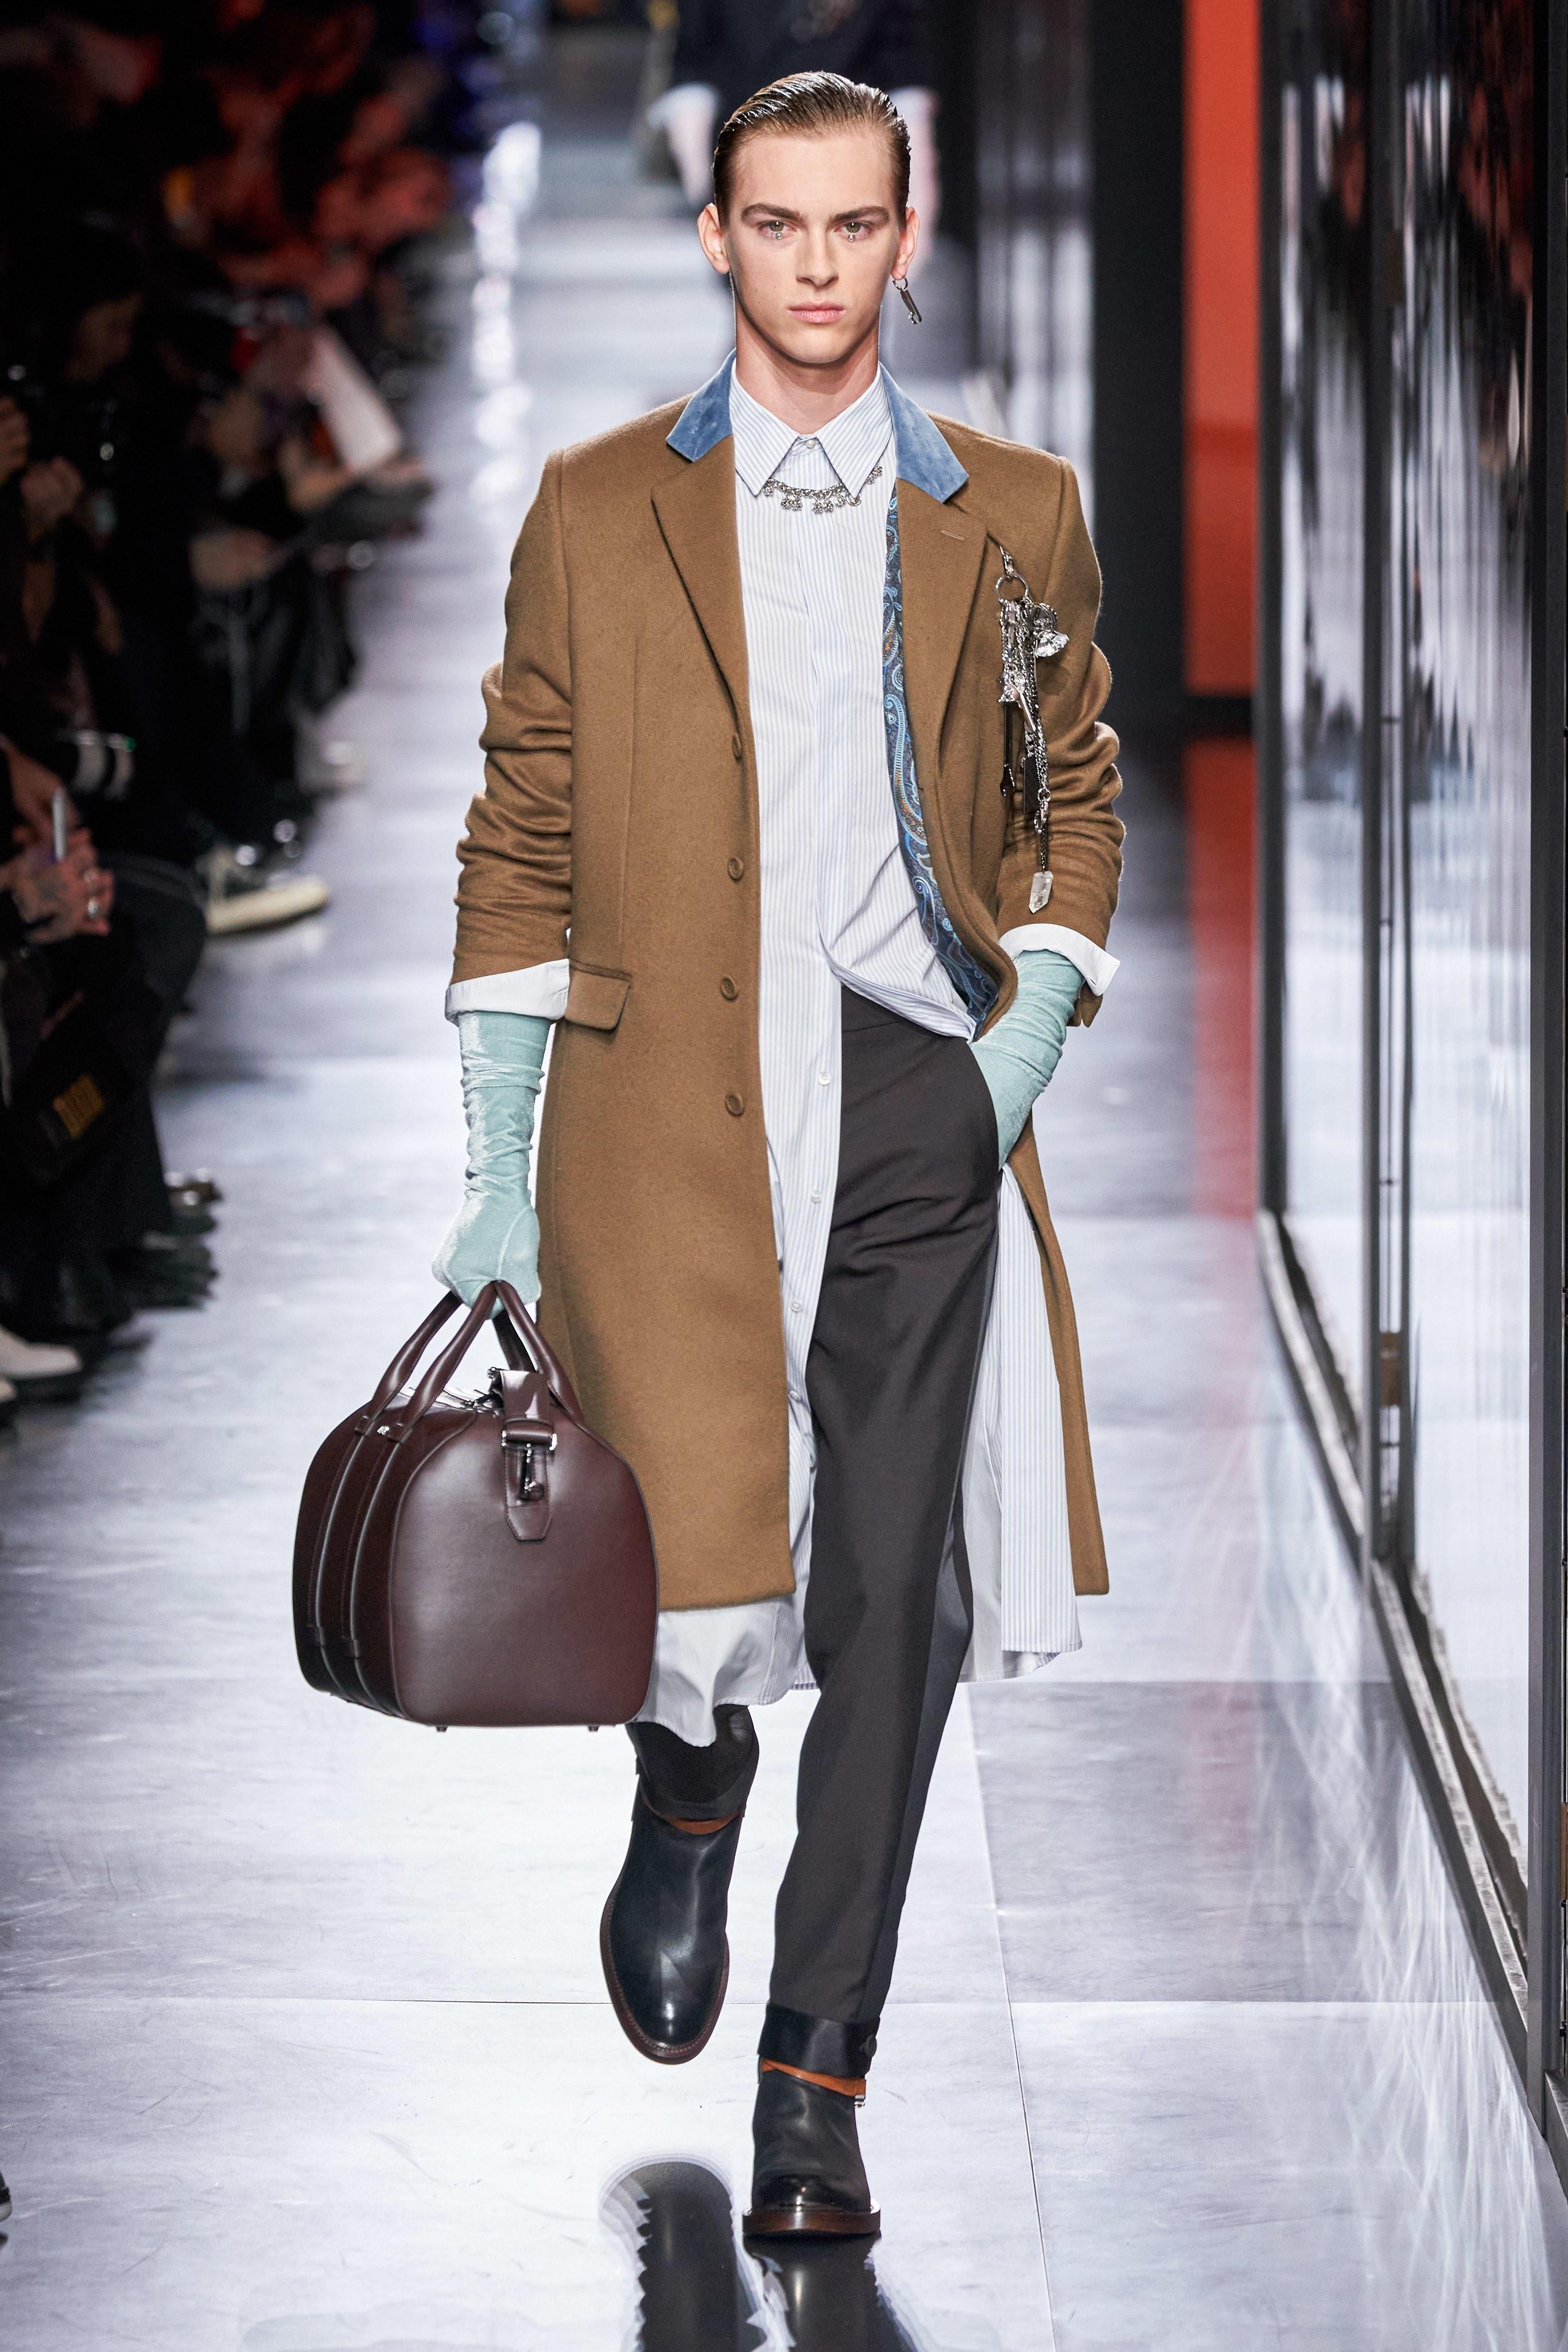 Áo khoác hoa, găng tay dài - Dior nâng thời trang nam lên tầm cao mới Ảnh 12